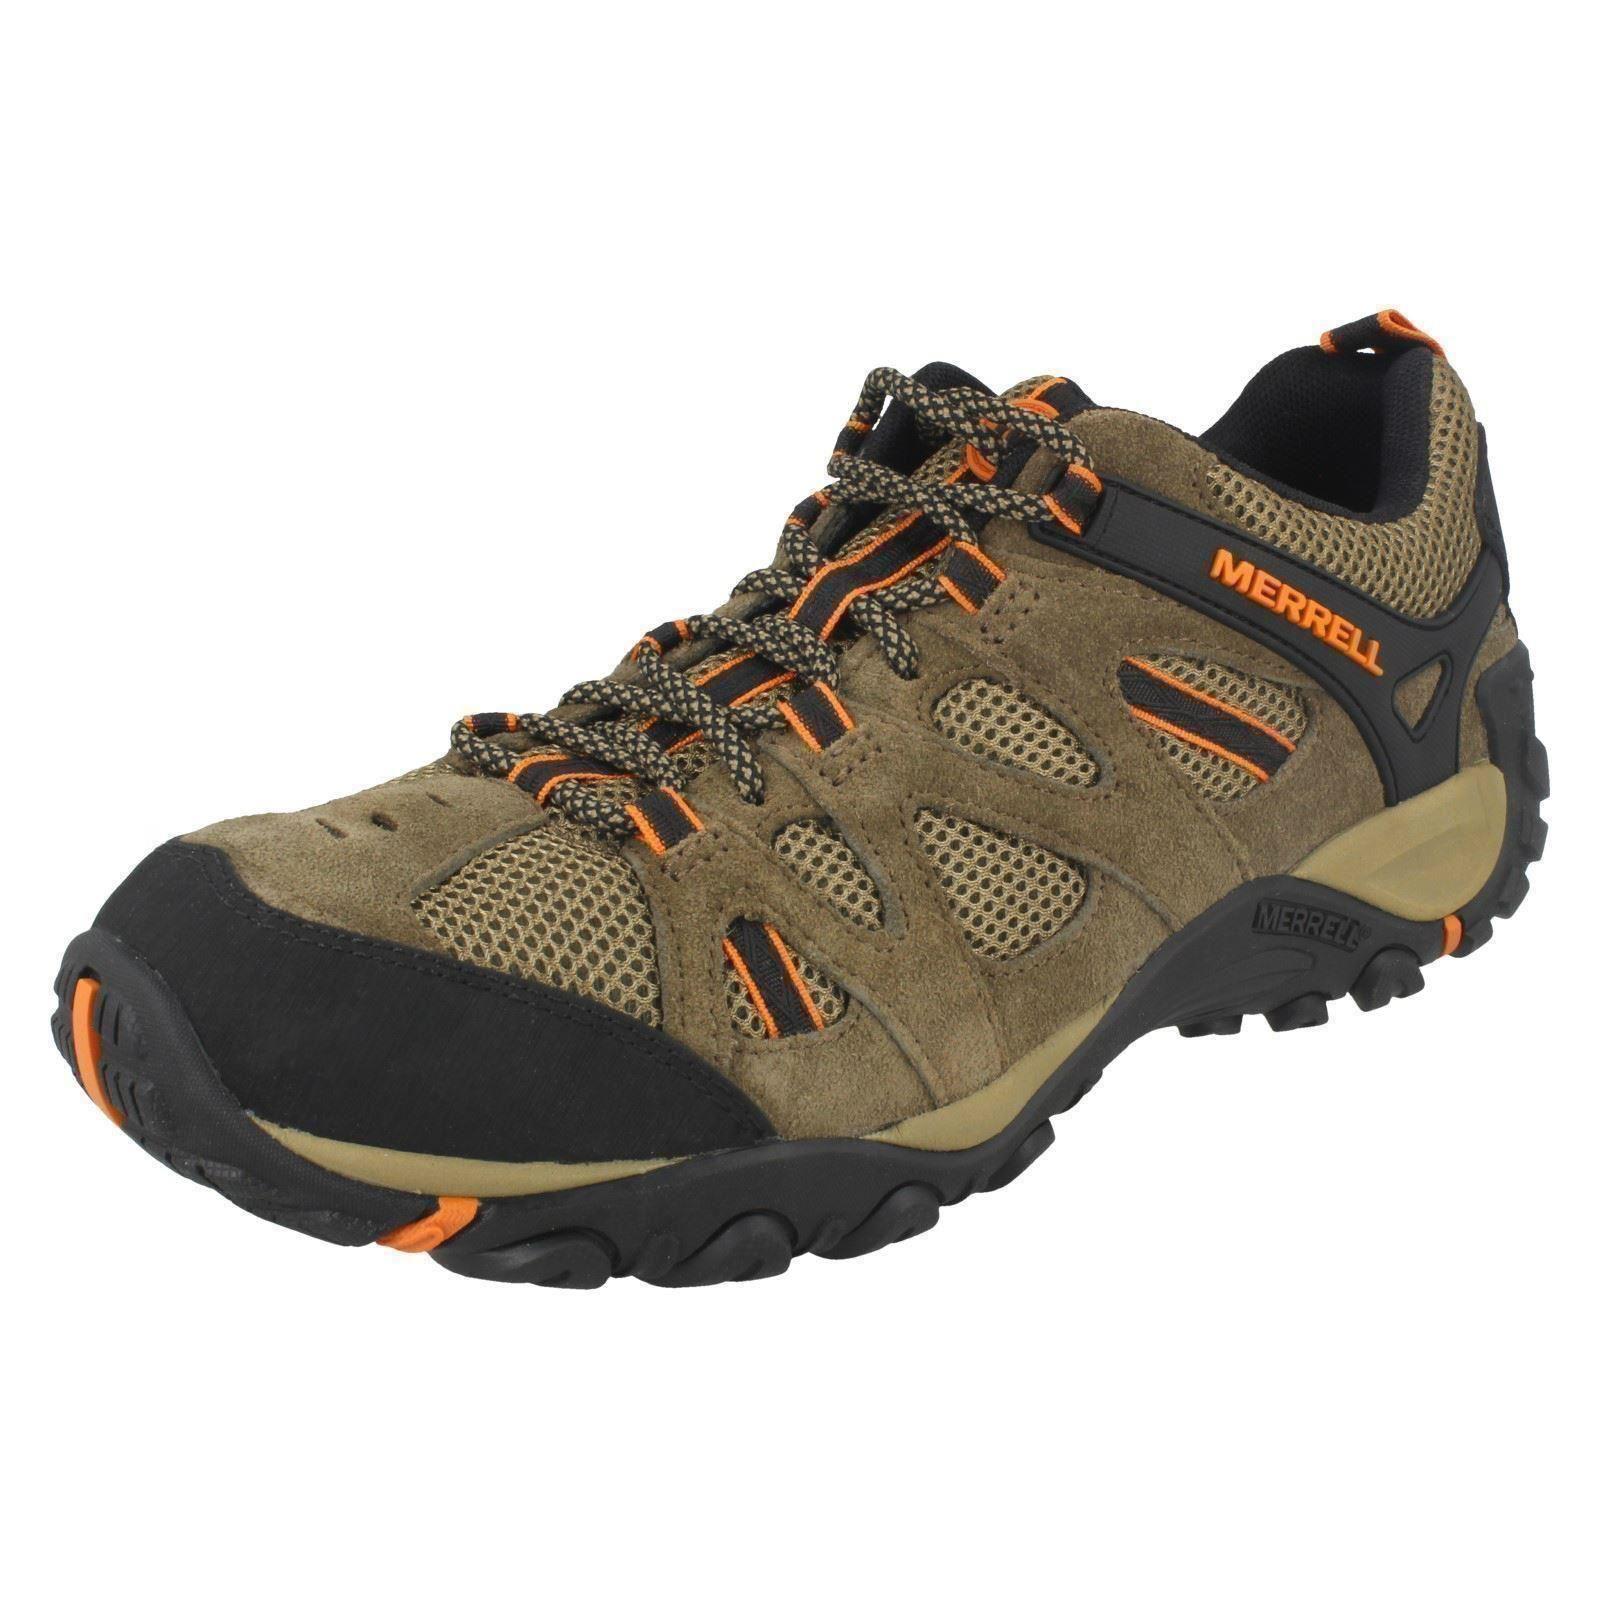 Merrell J343718c Ascendente Hombre Para Zapatos Ventilación Yokota A34Lj5R